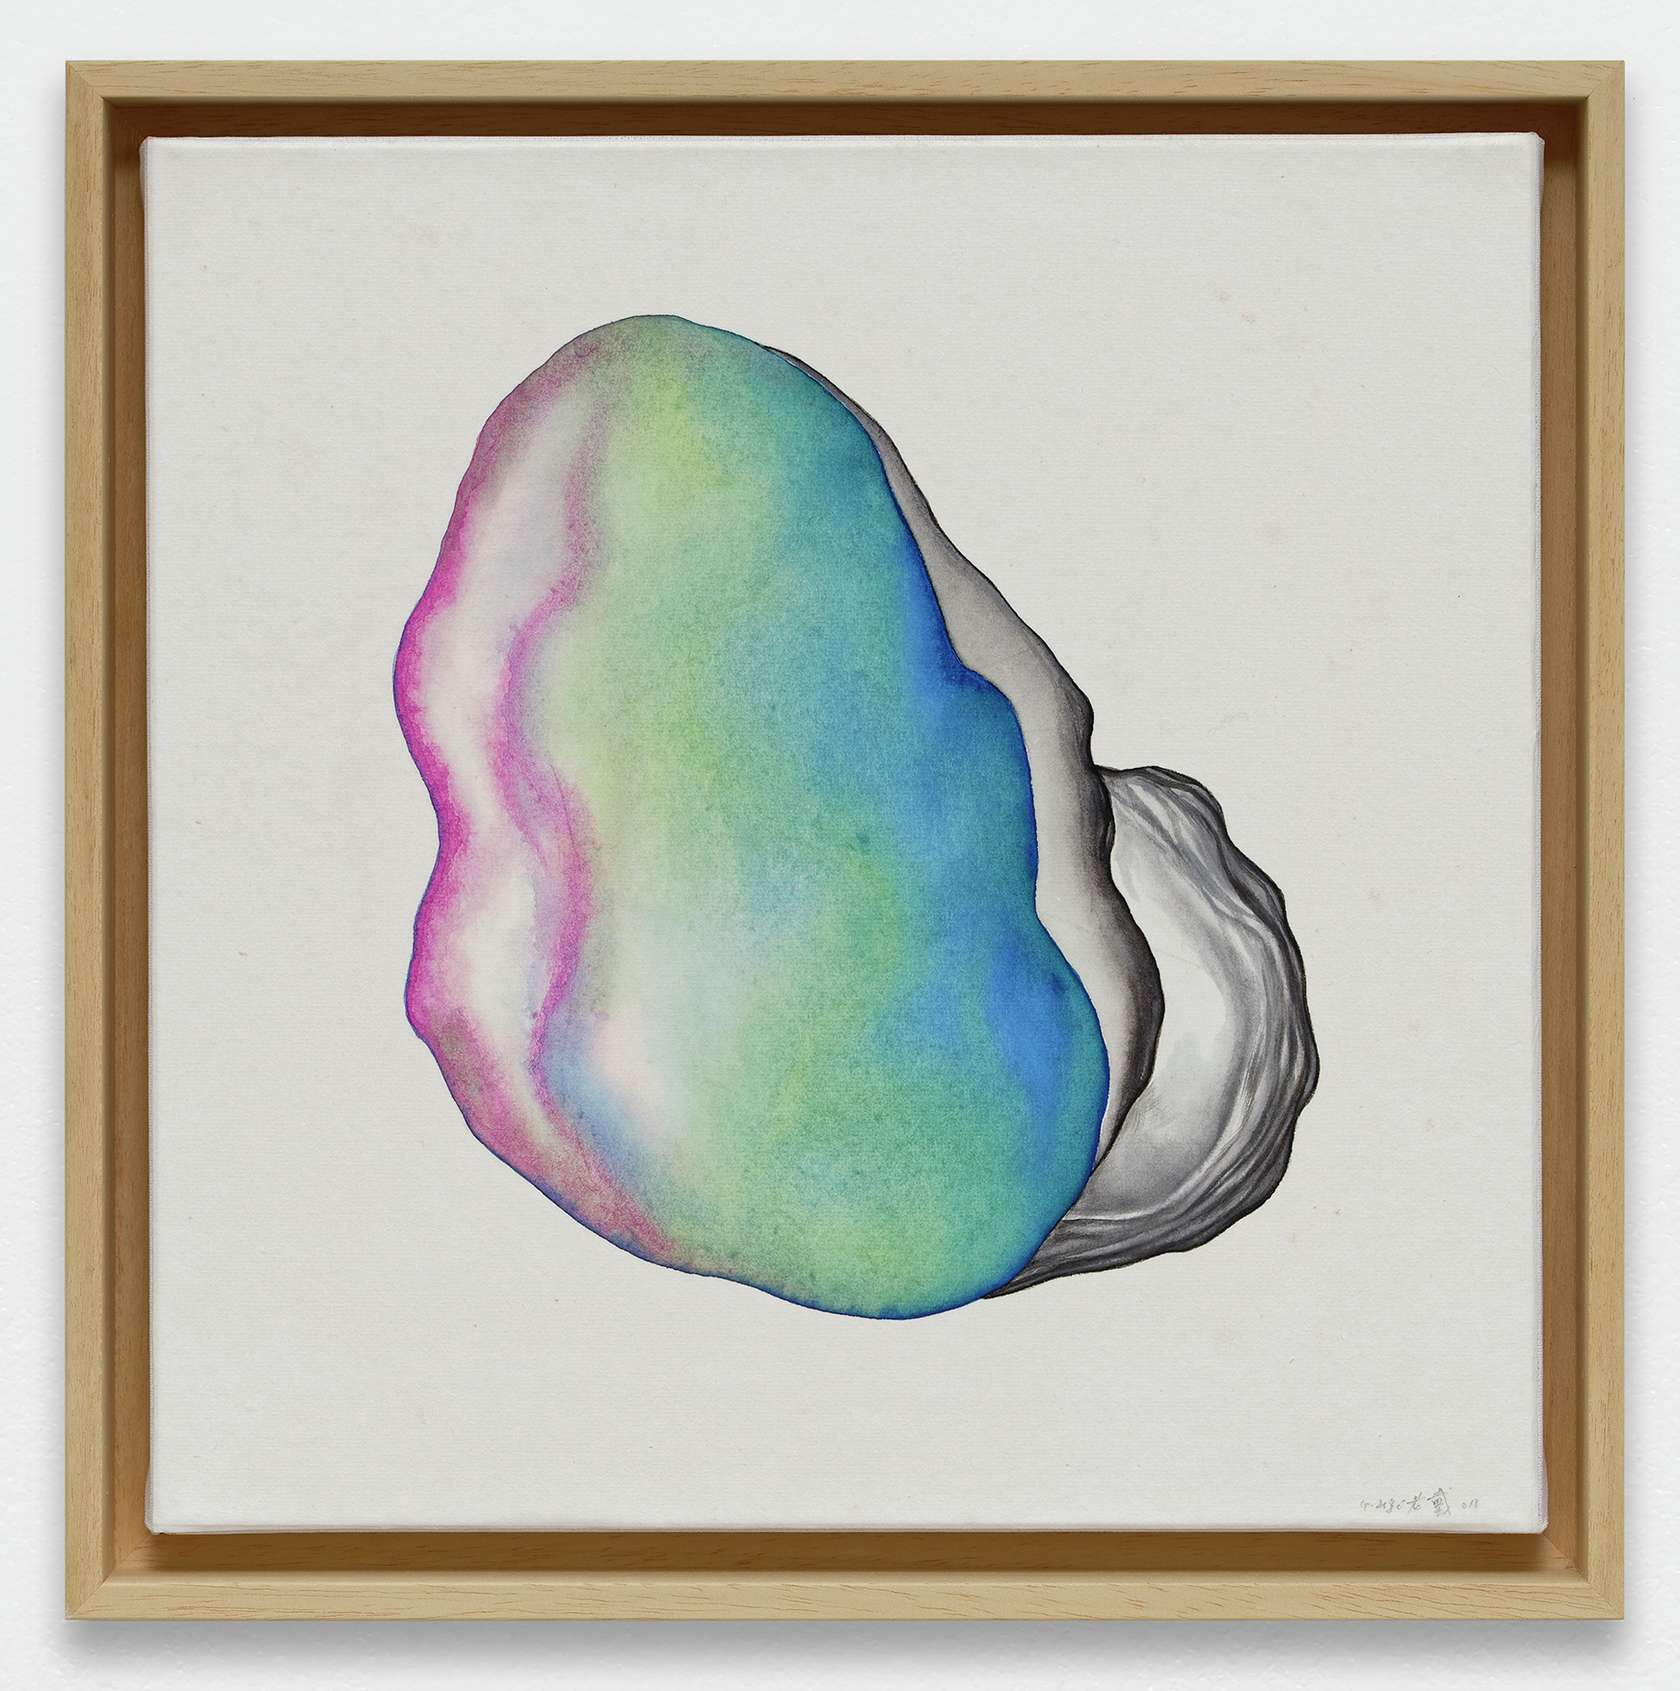 Guillaume Dégé, Un grain de moutarde, 2019 Gouache sur papier chinois marouflé sur toile33.5 × 33.5 cm / 13 2/8 × 13 2/8 in.